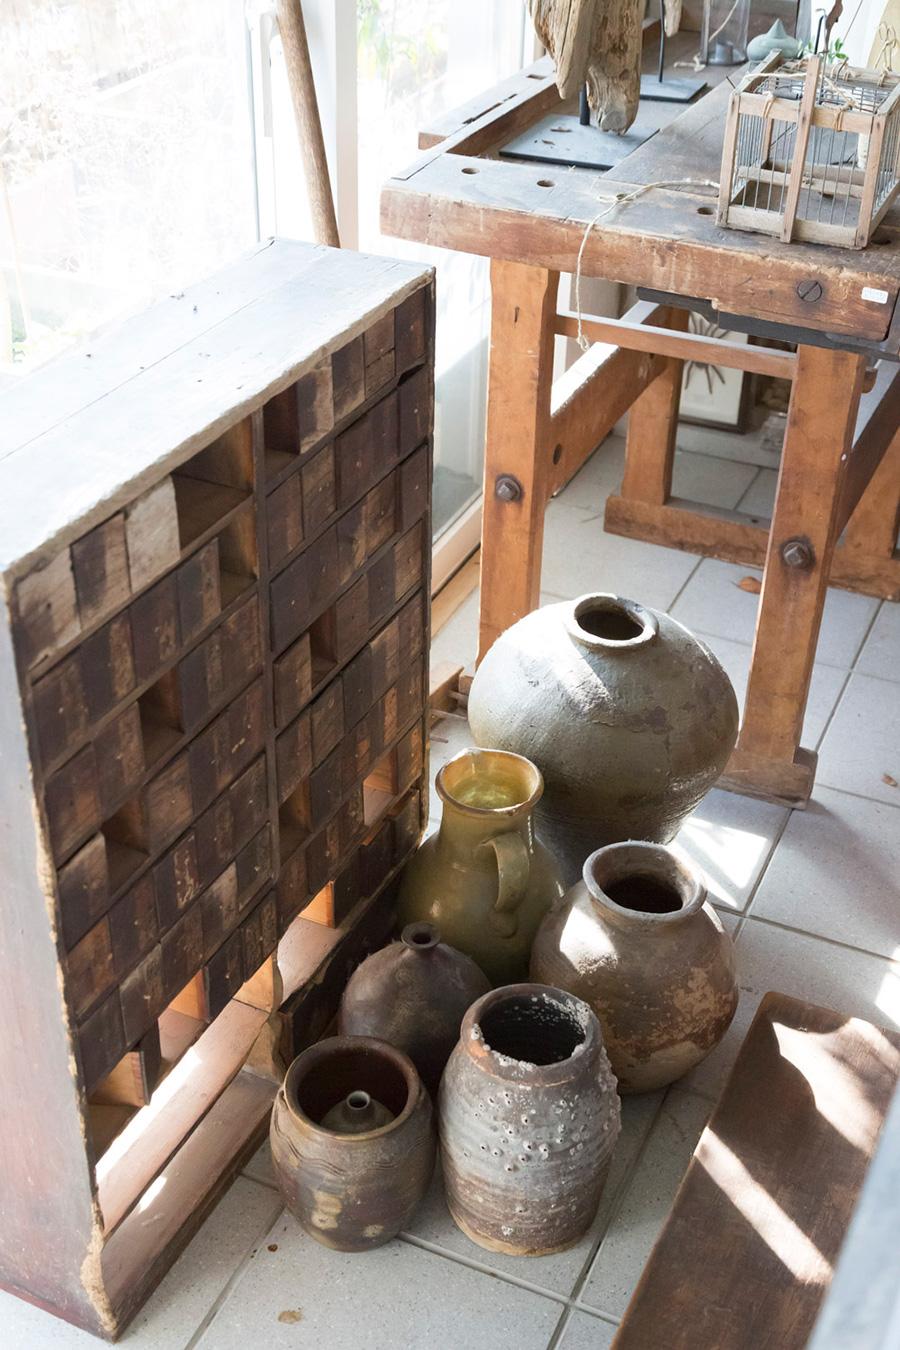 窓際の床にはタイル貼りの場所も。アンティークの引き出しの前に、様々な形の壺を並べる。